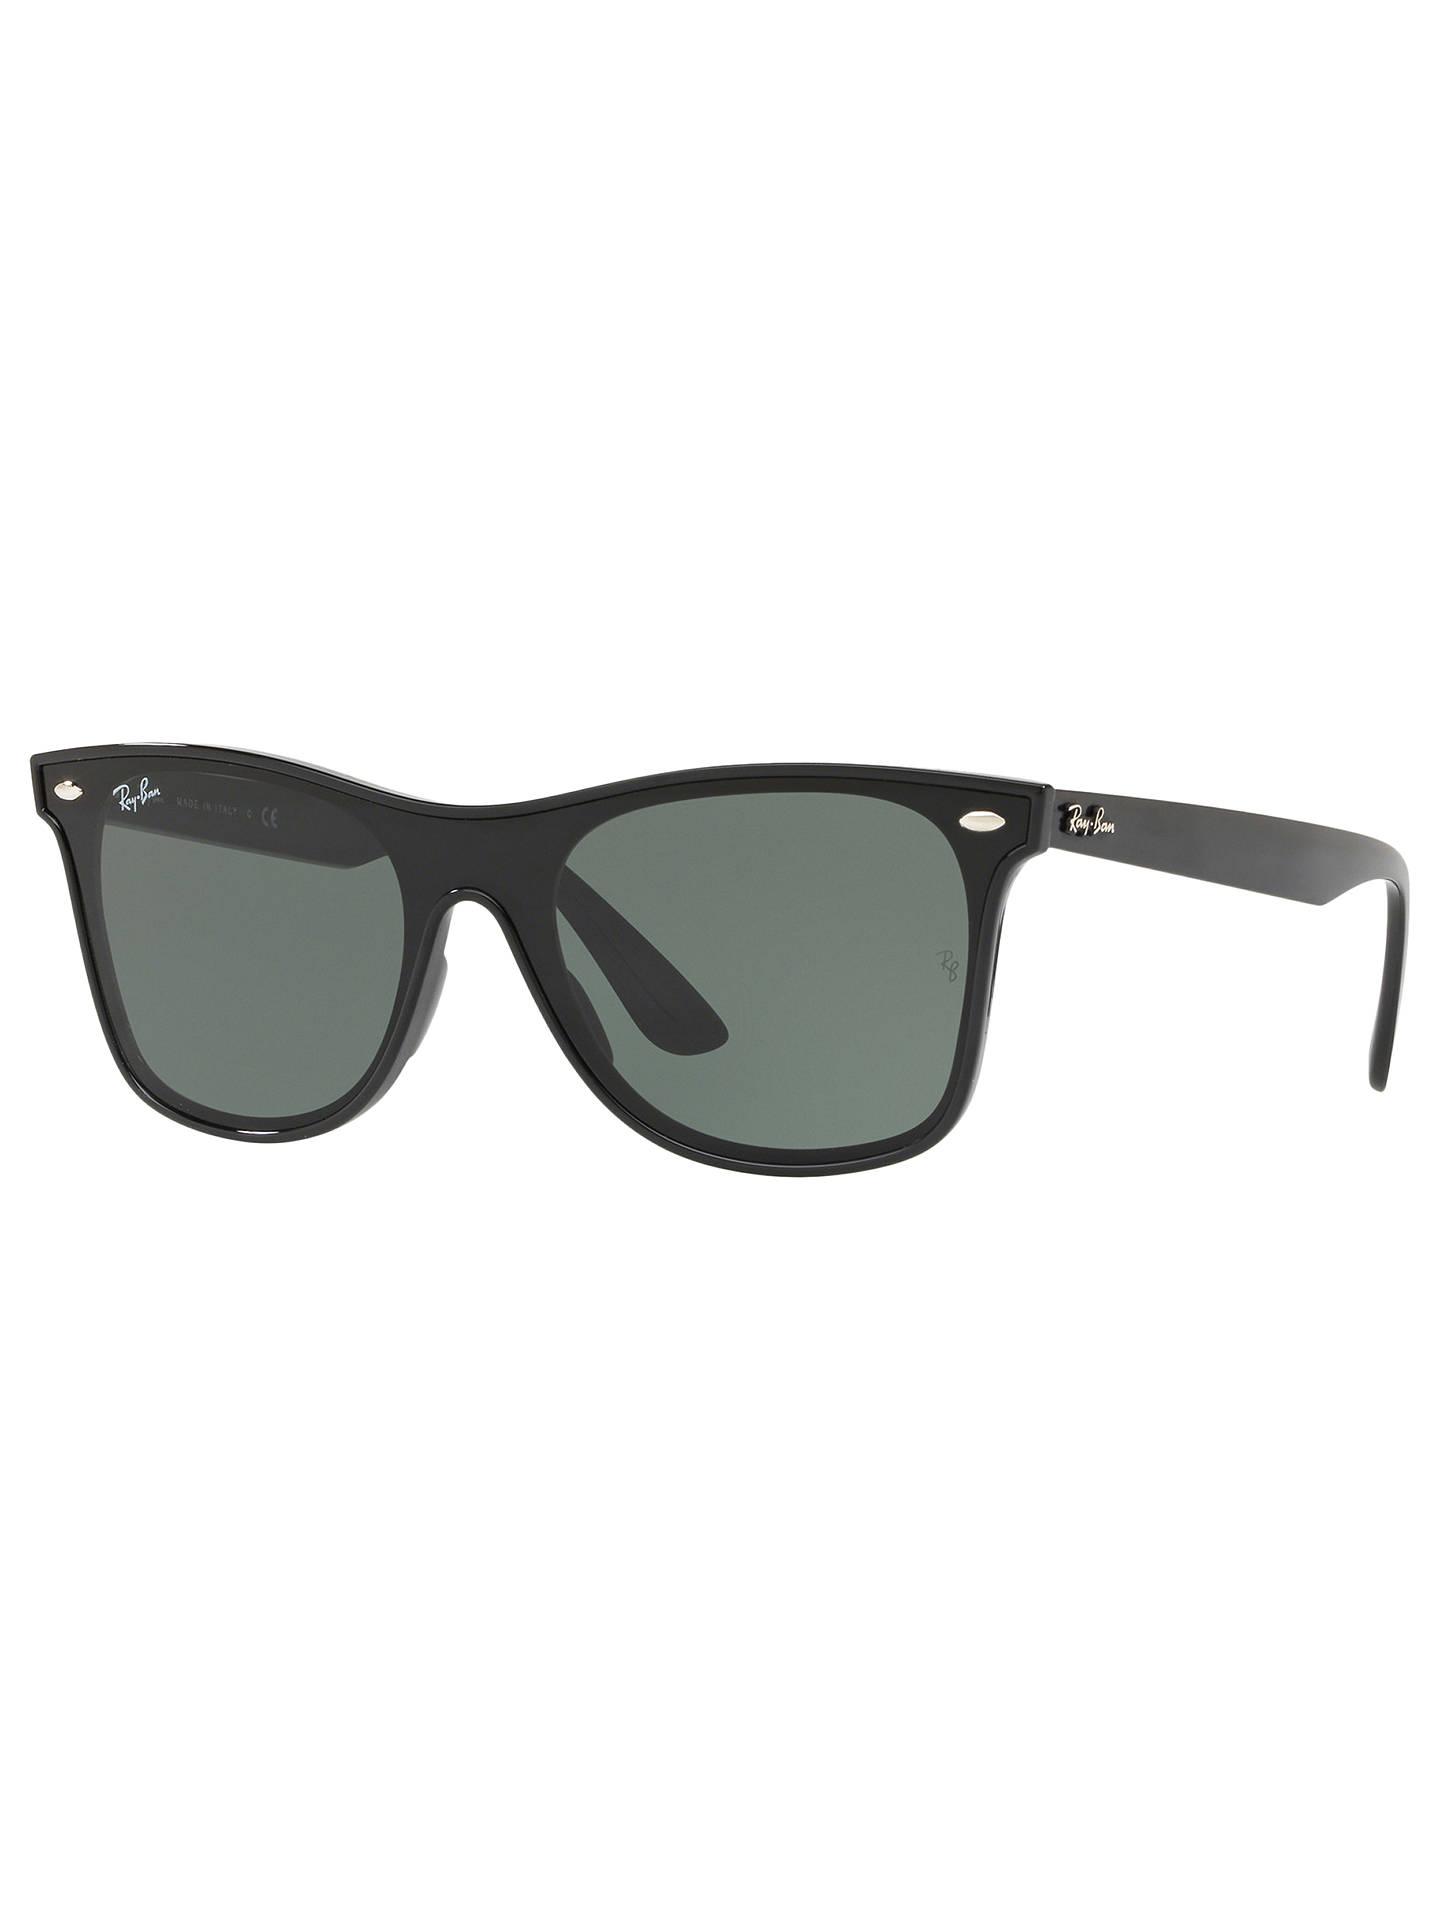 e4f13177962 BuyRay-Ban RB4440 Unisex Polarised Sunglasses